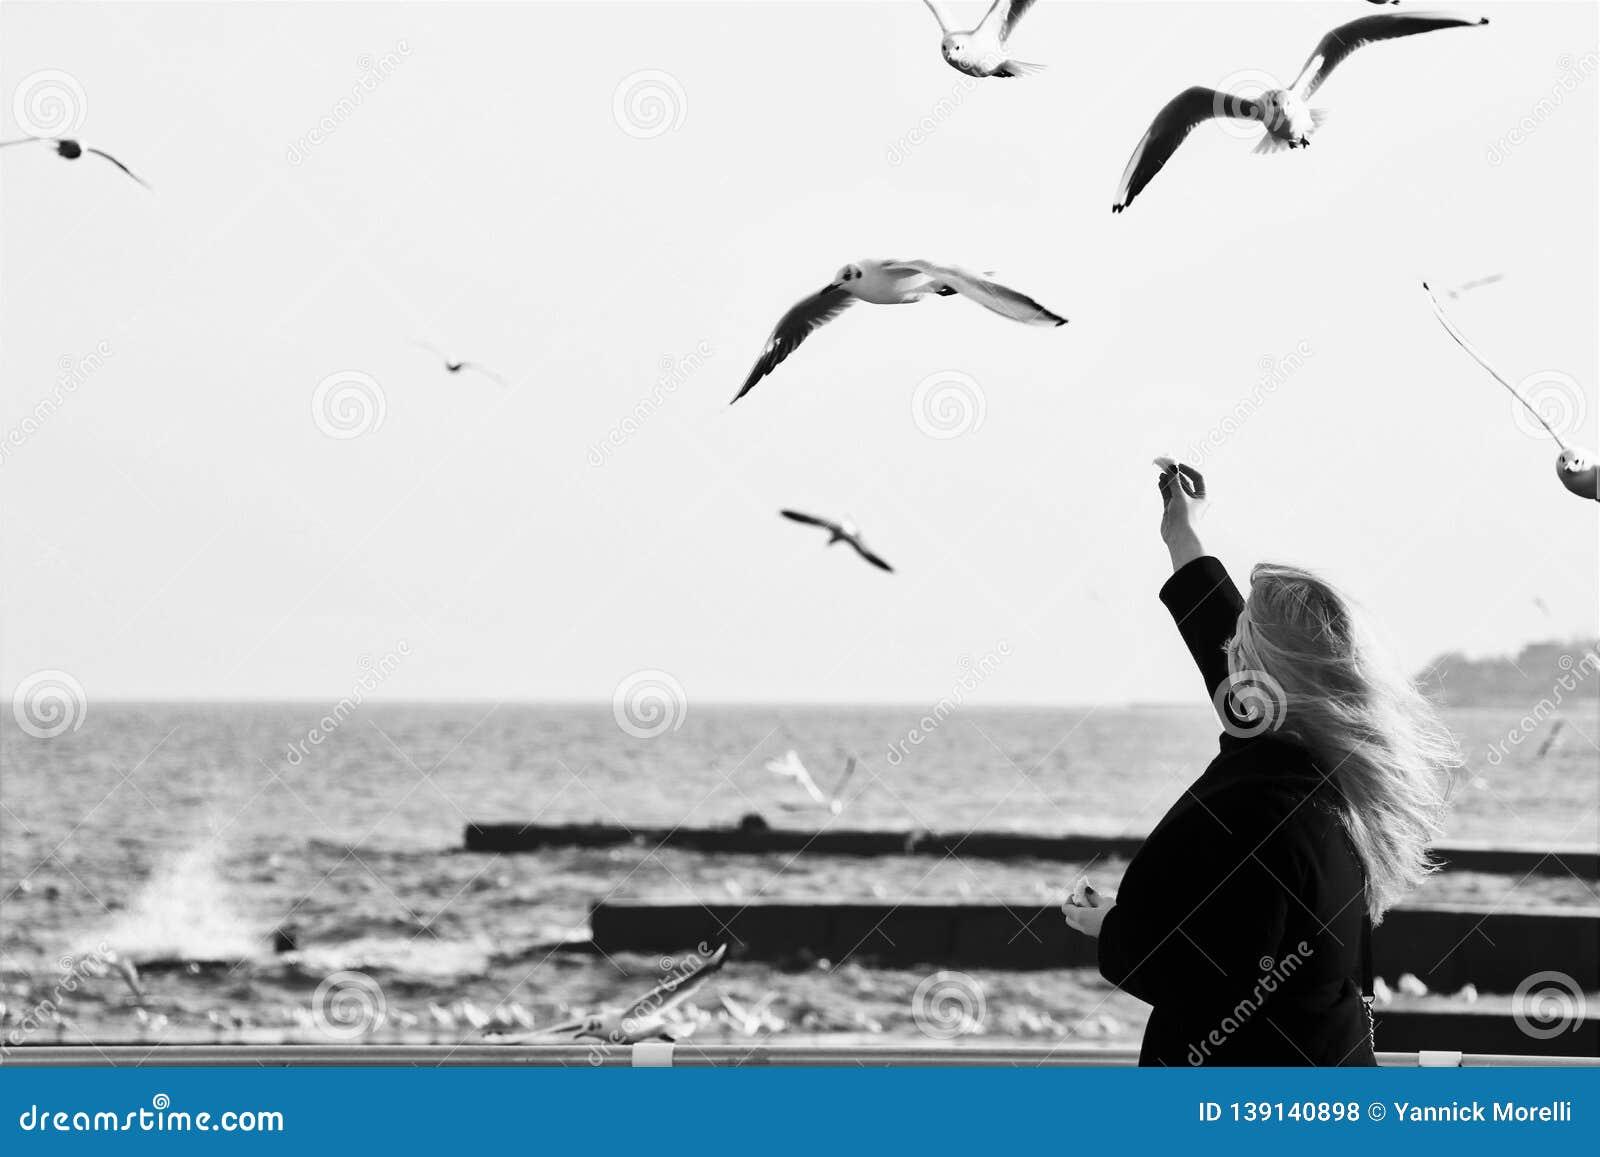 Μια νέα γυναίκα δοκιμάζει στις τροφές κάποιο seagull